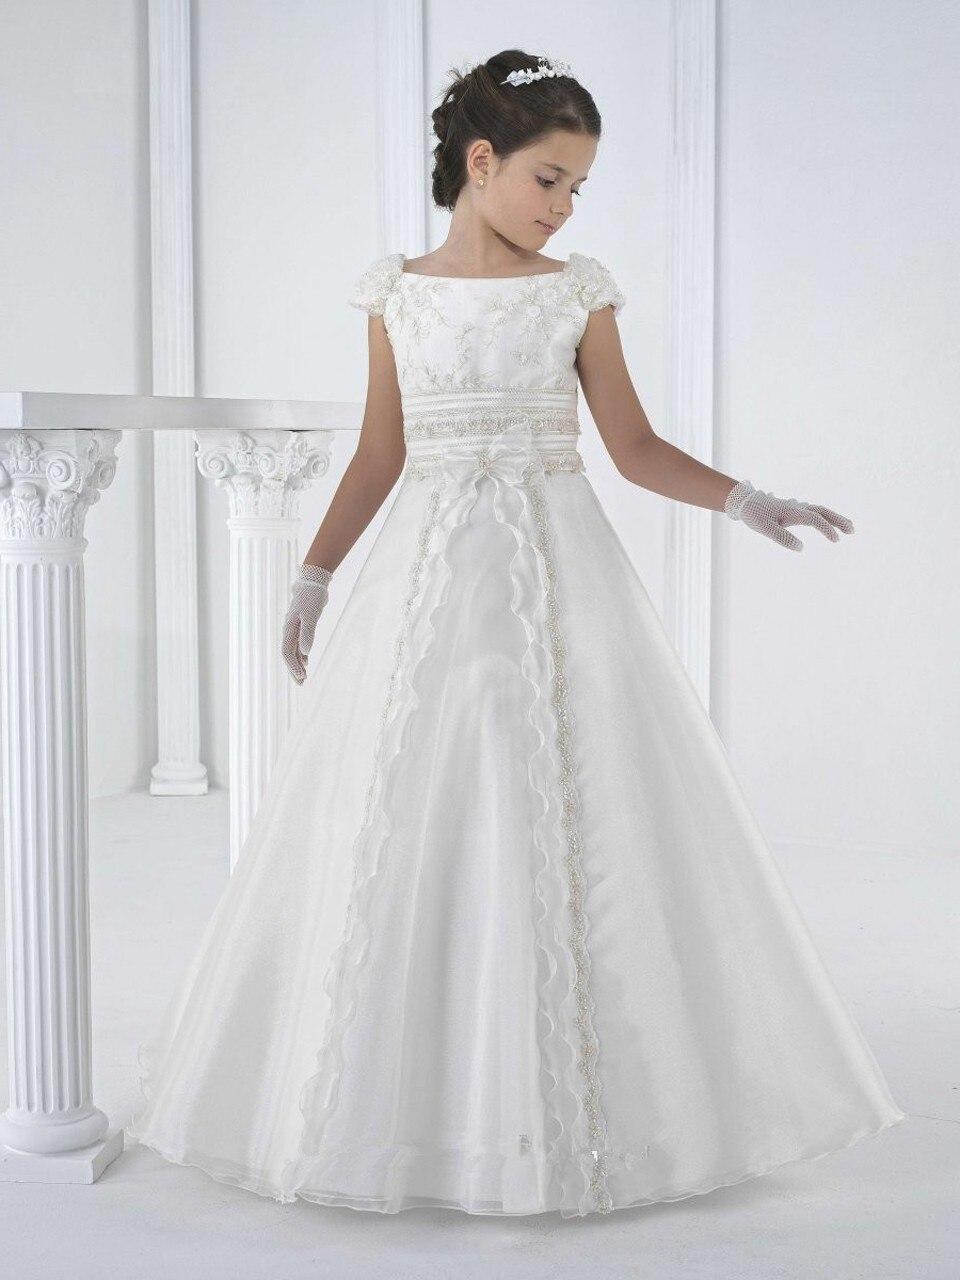 Kurze Blumenmädchenkleider für Hochzeiten Schöne a line gerade weiß Erstkommunion Kleider für Mädchen schärpen bodenlangen in Kurze ...